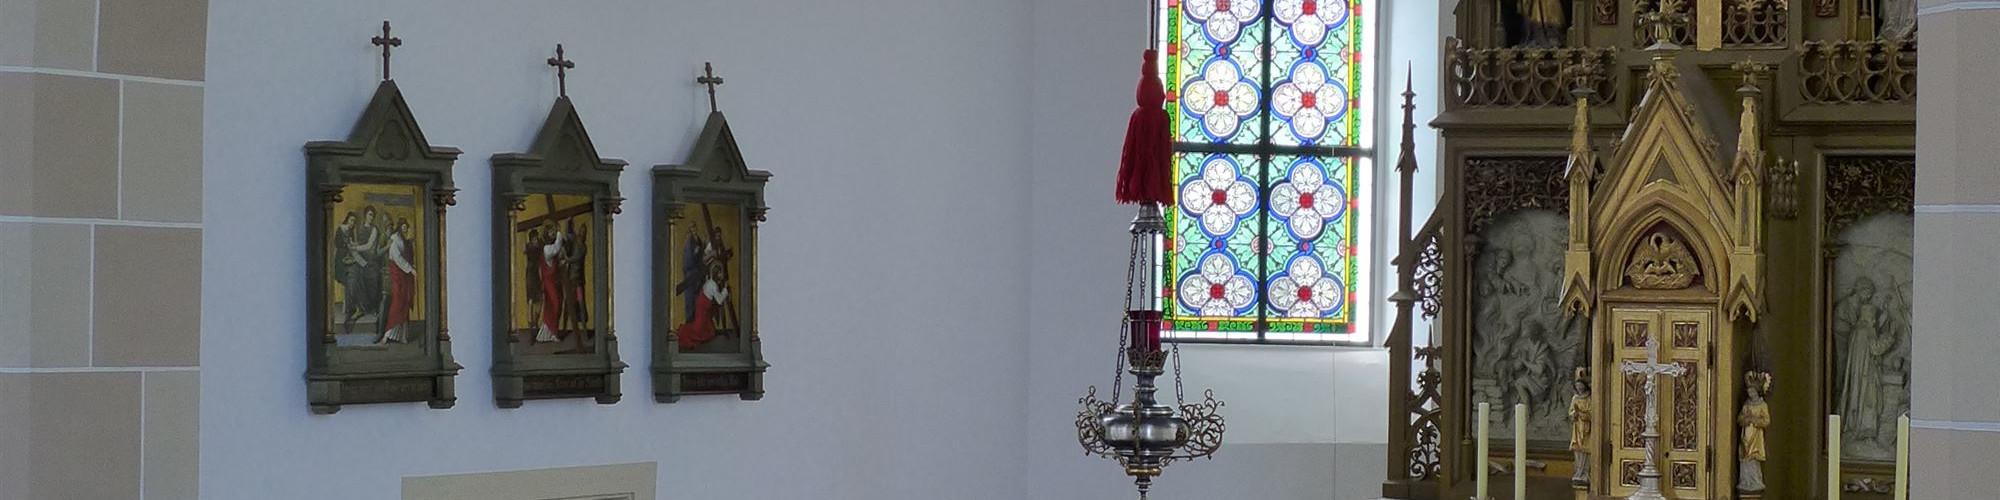 Kirche Oberwerrn - integrierter Teil der alten Kirche-sld